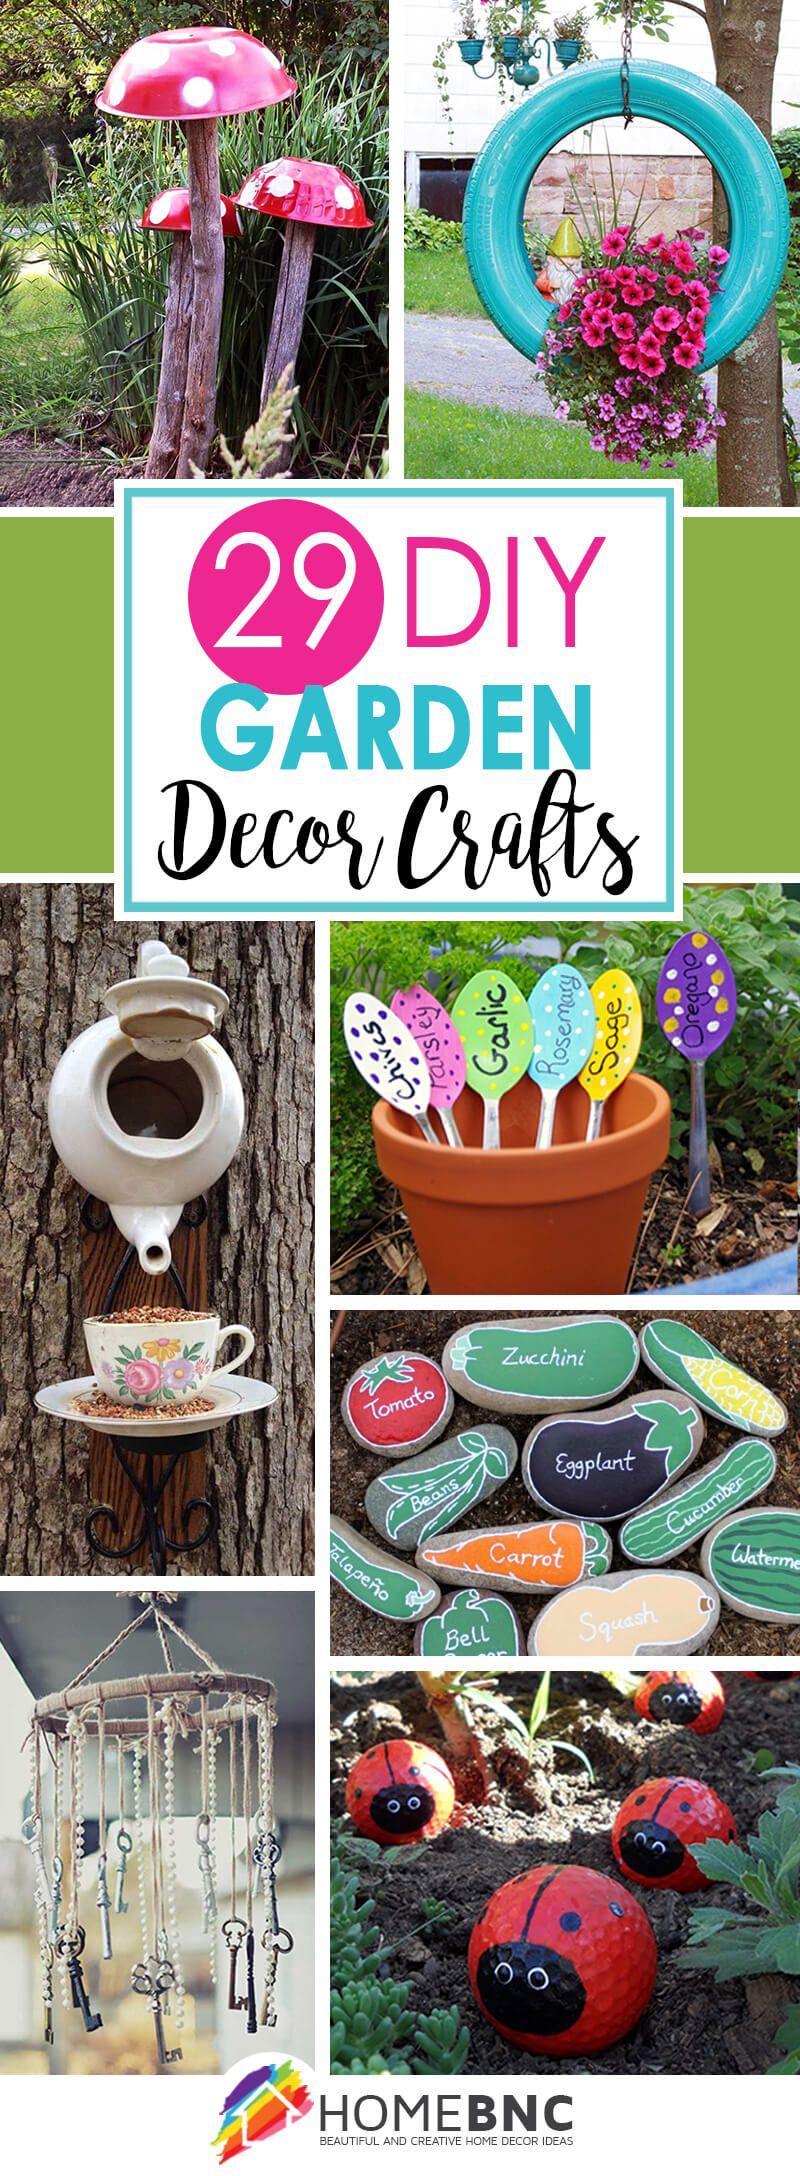 25 outdoor garden decoracion ideas